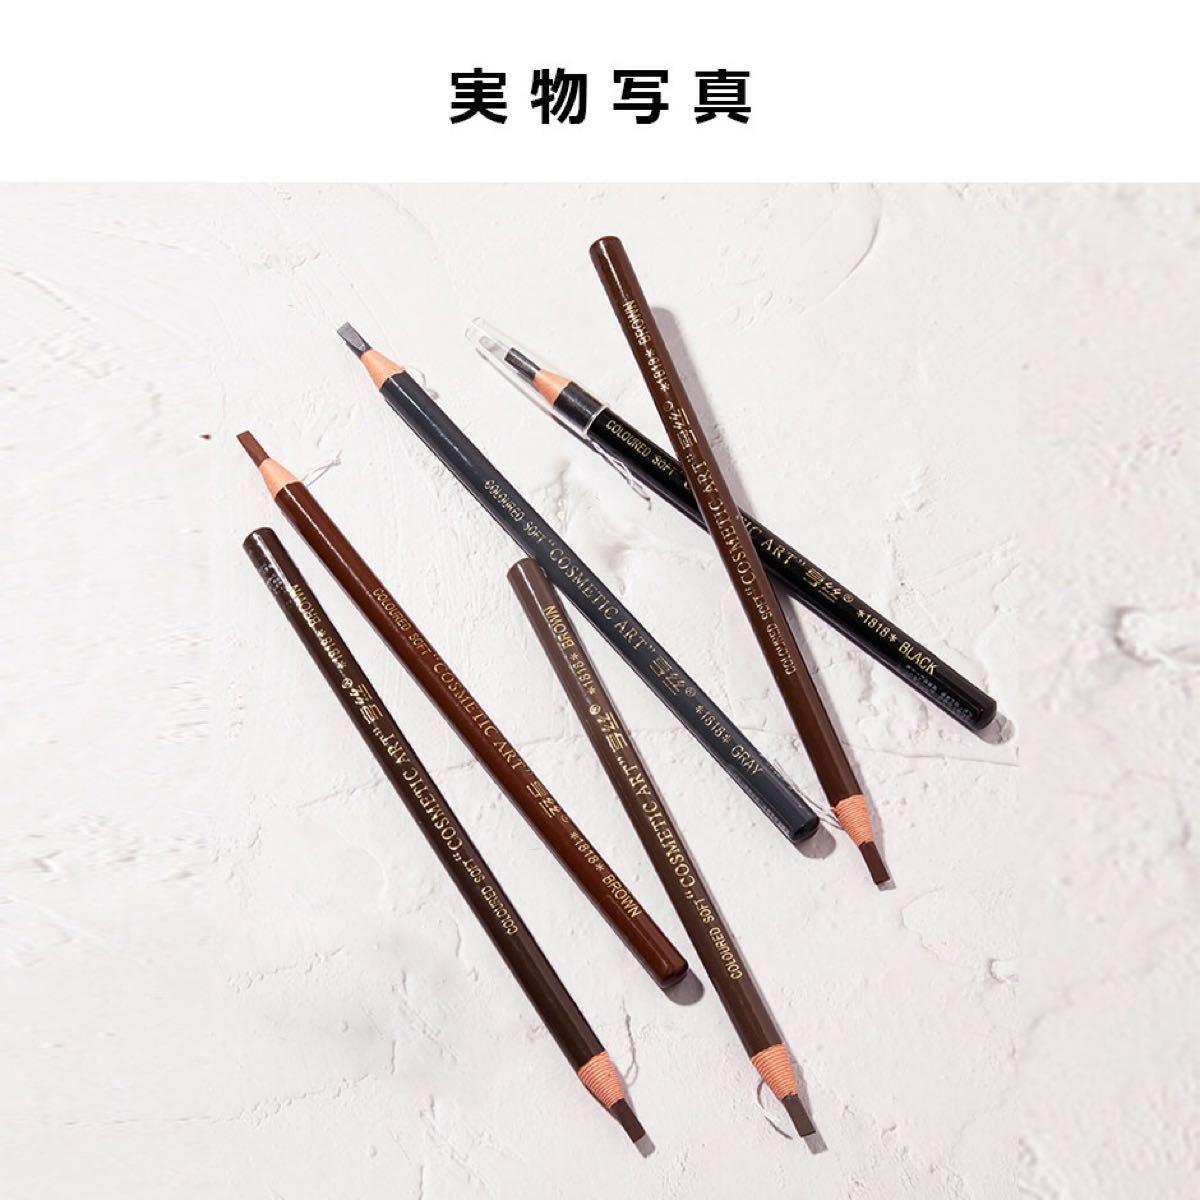 霧眉 アイブロウペンシル 眉ペンシル 眉毛鉛筆 長持ち 使い方簡単 ライトブラウン 一本 眉毛テンプレート24枚プレゼント